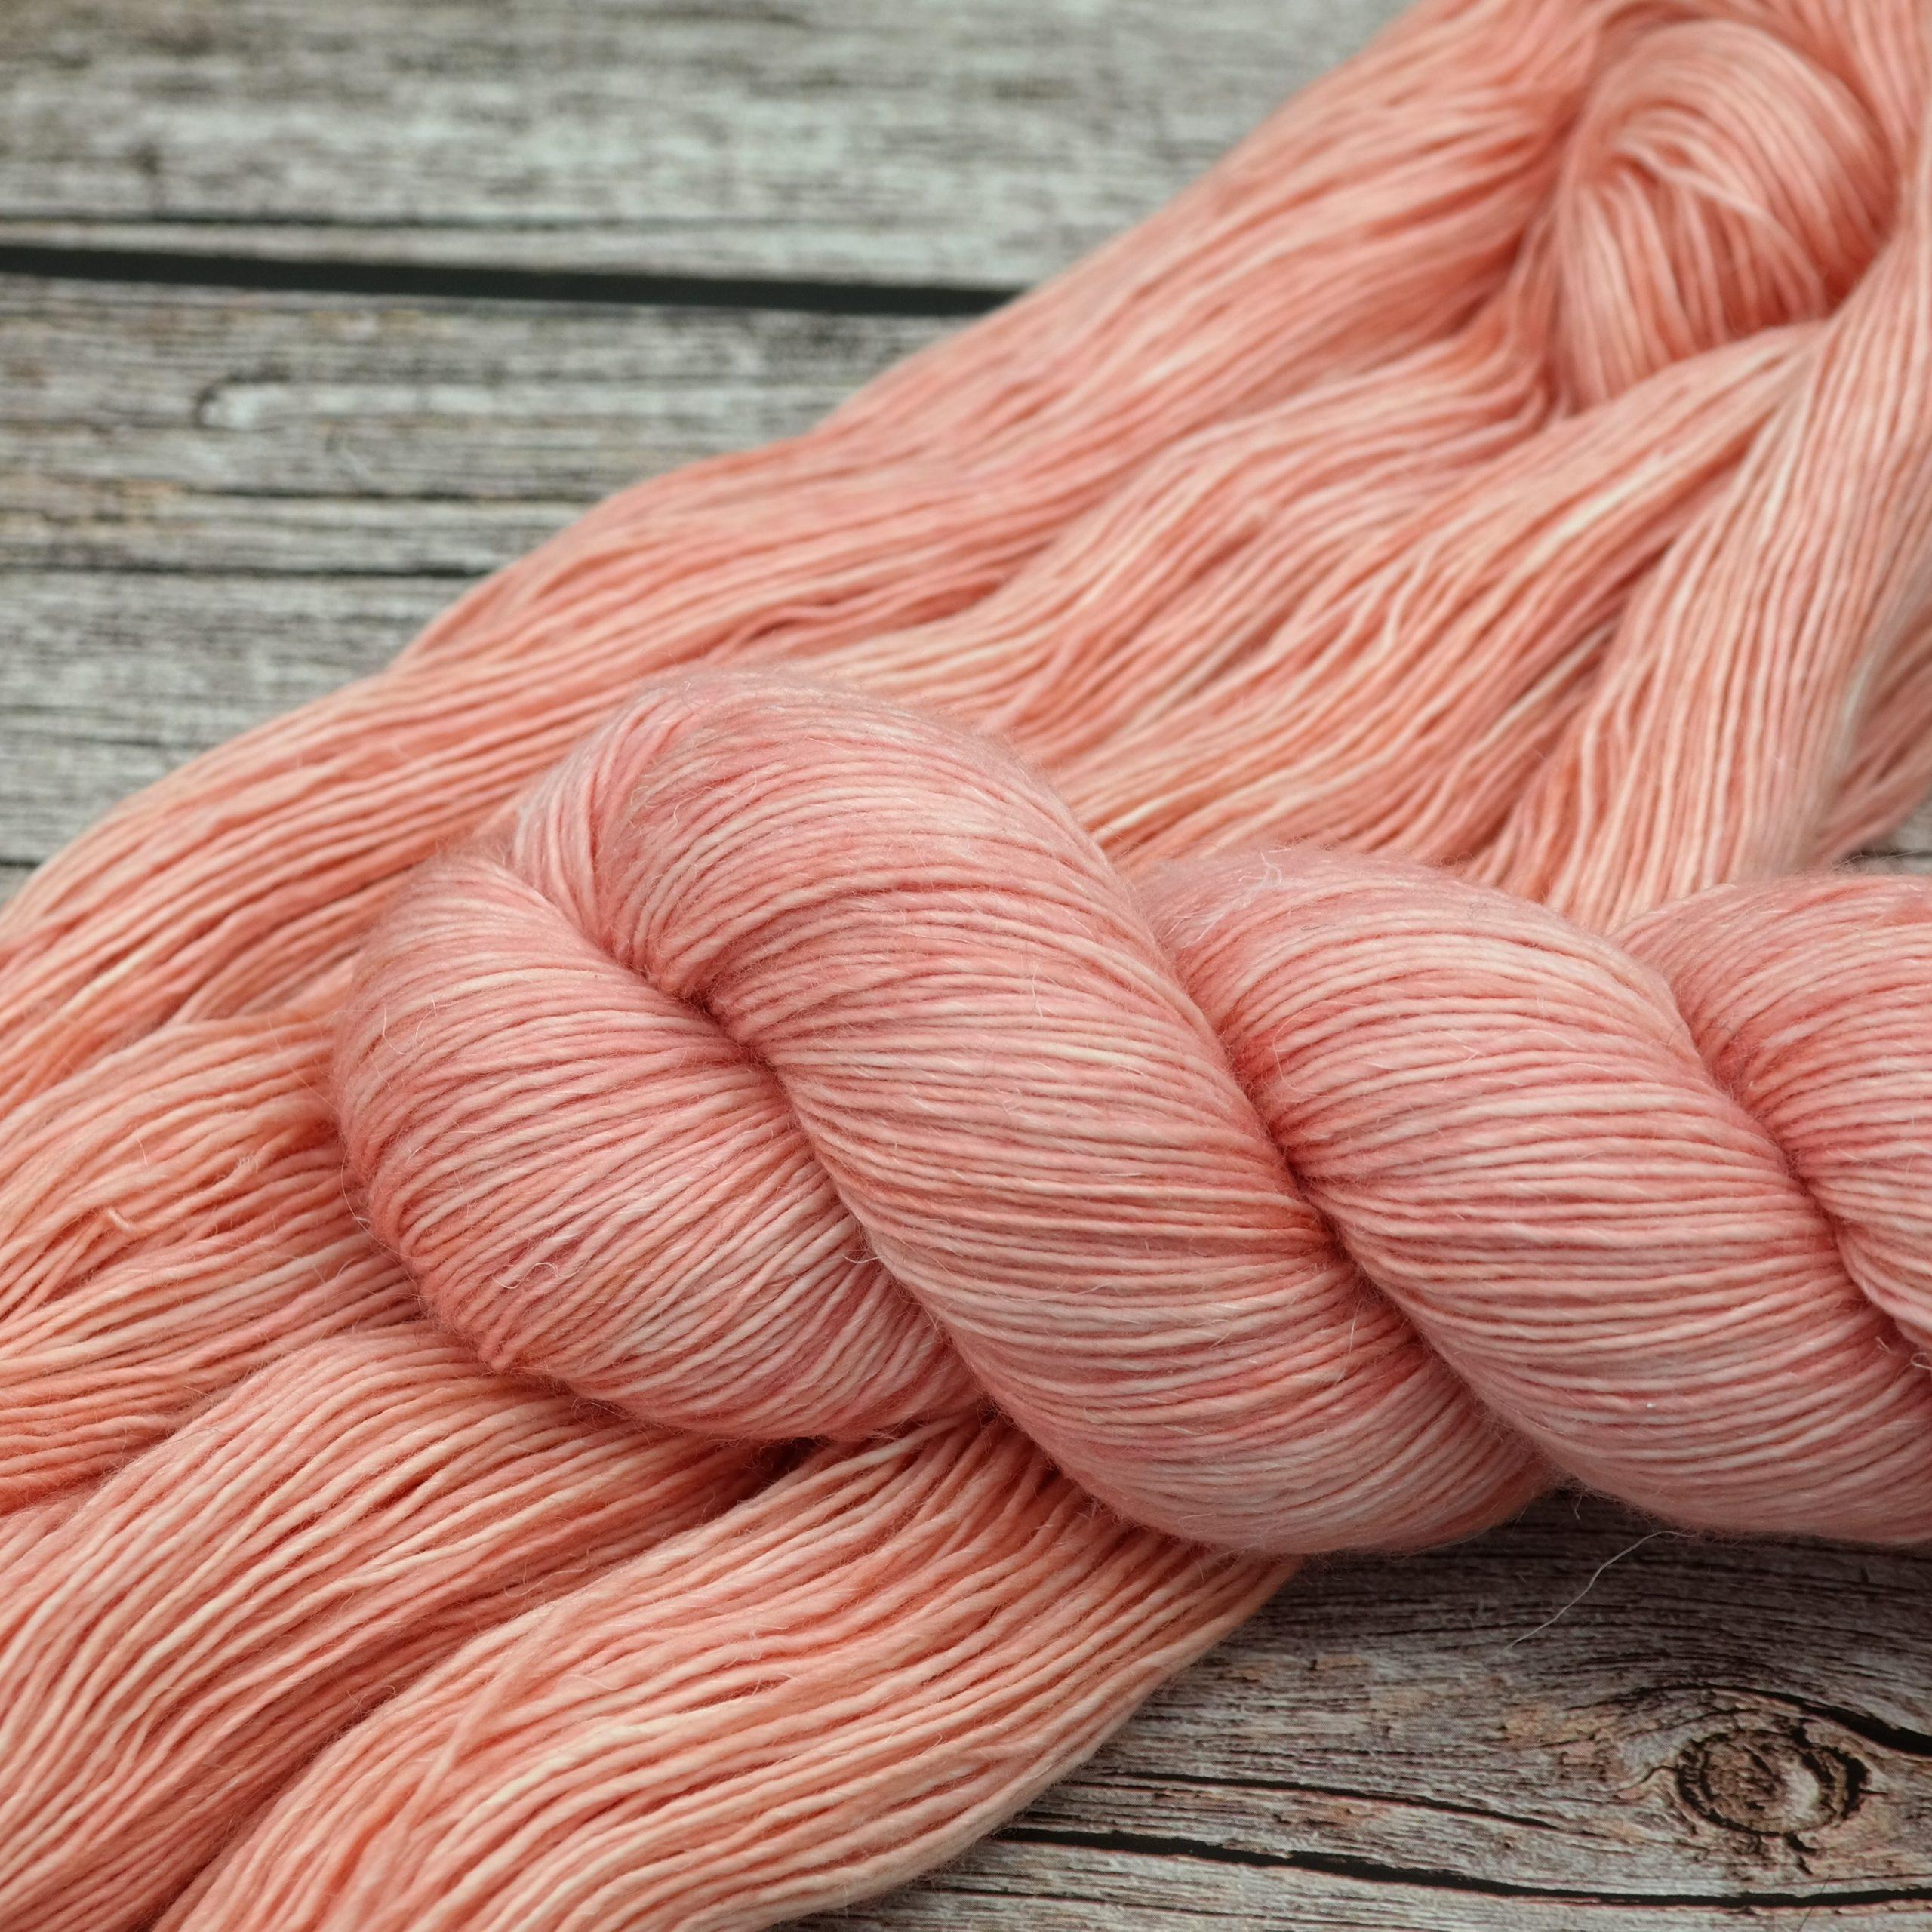 Venez découvrir le coloris « Sunset Lover » sur notre fil MerLin Fingering • Laine teinte à la main en France | Teinturlurée